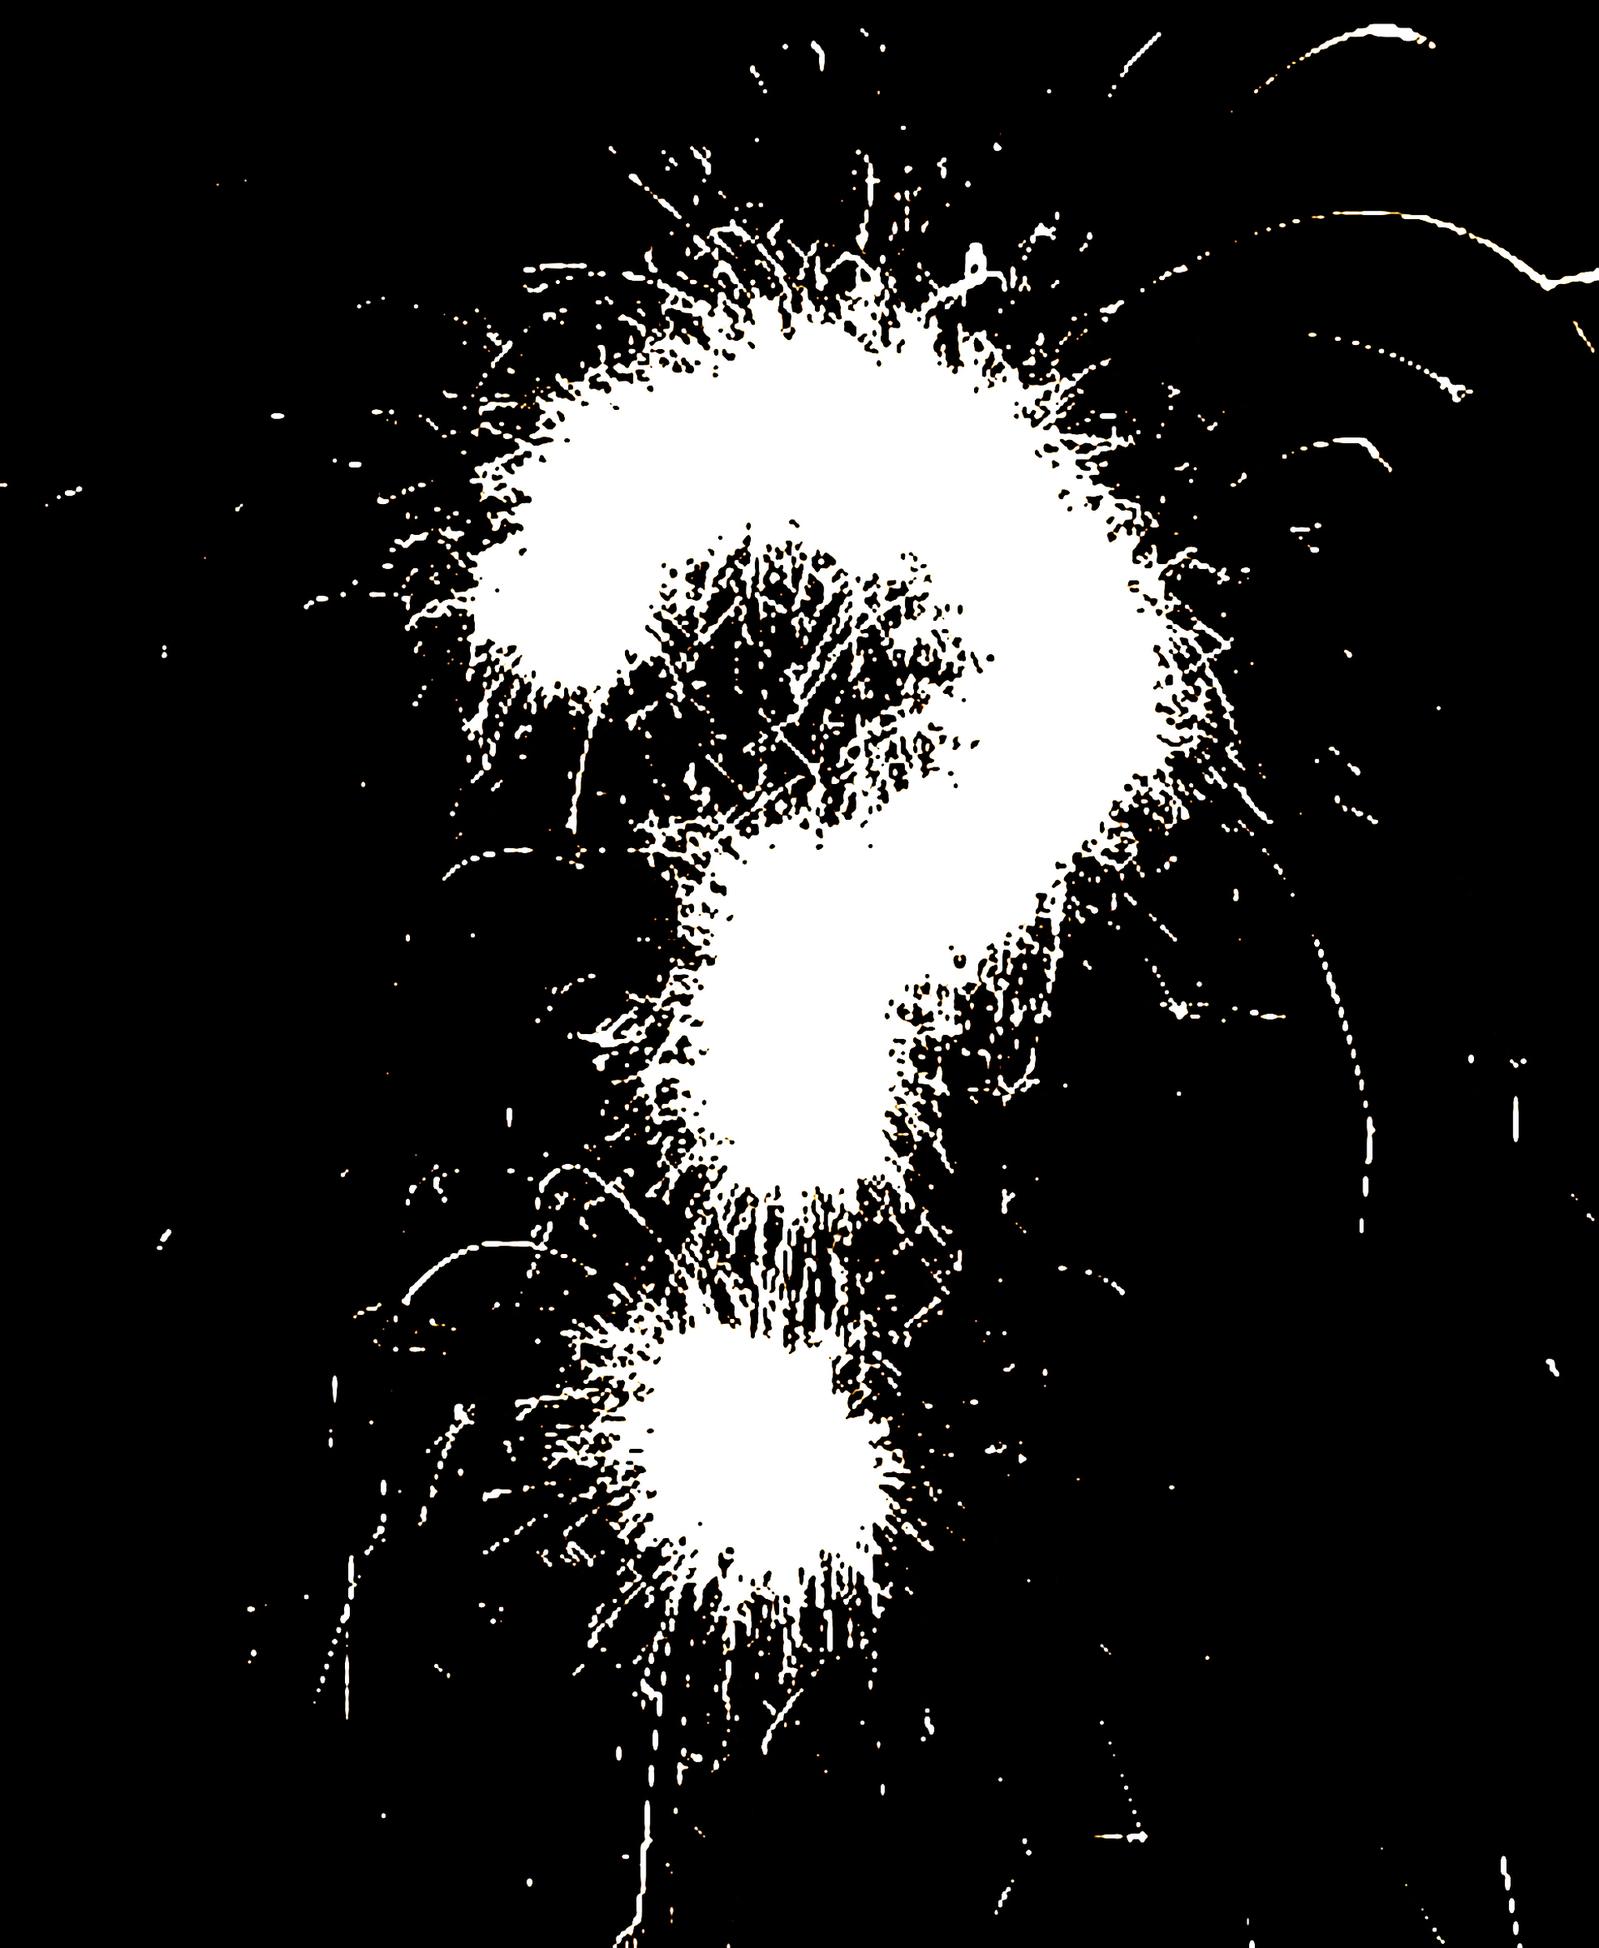 splatter-question-1171359-1599x1948.jpg